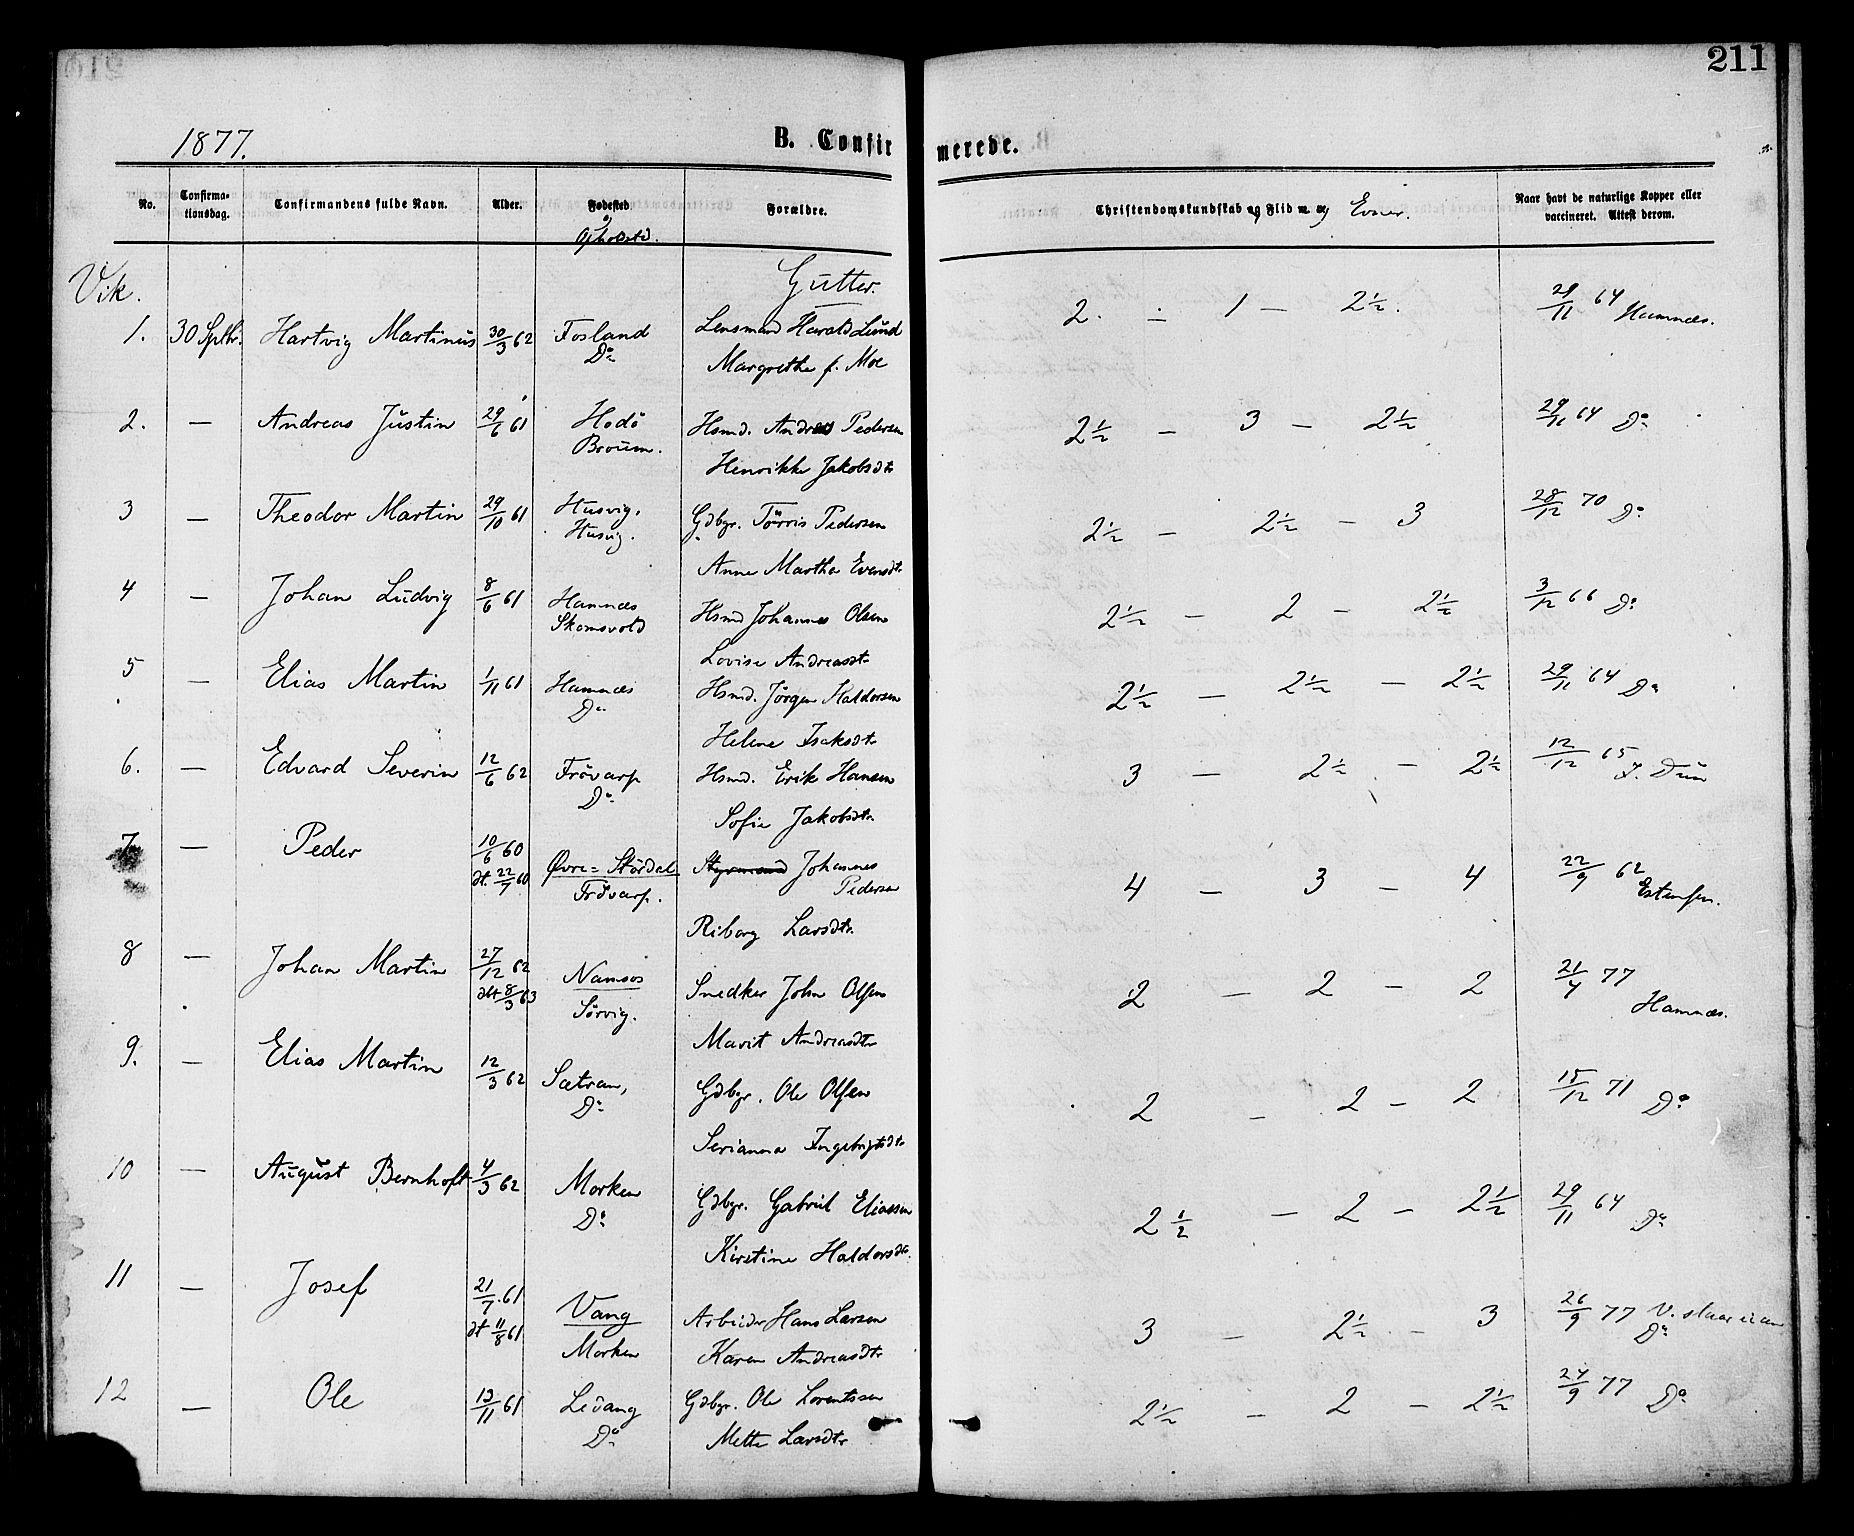 SAT, Ministerialprotokoller, klokkerbøker og fødselsregistre - Nord-Trøndelag, 773/L0616: Ministerialbok nr. 773A07, 1870-1887, s. 211